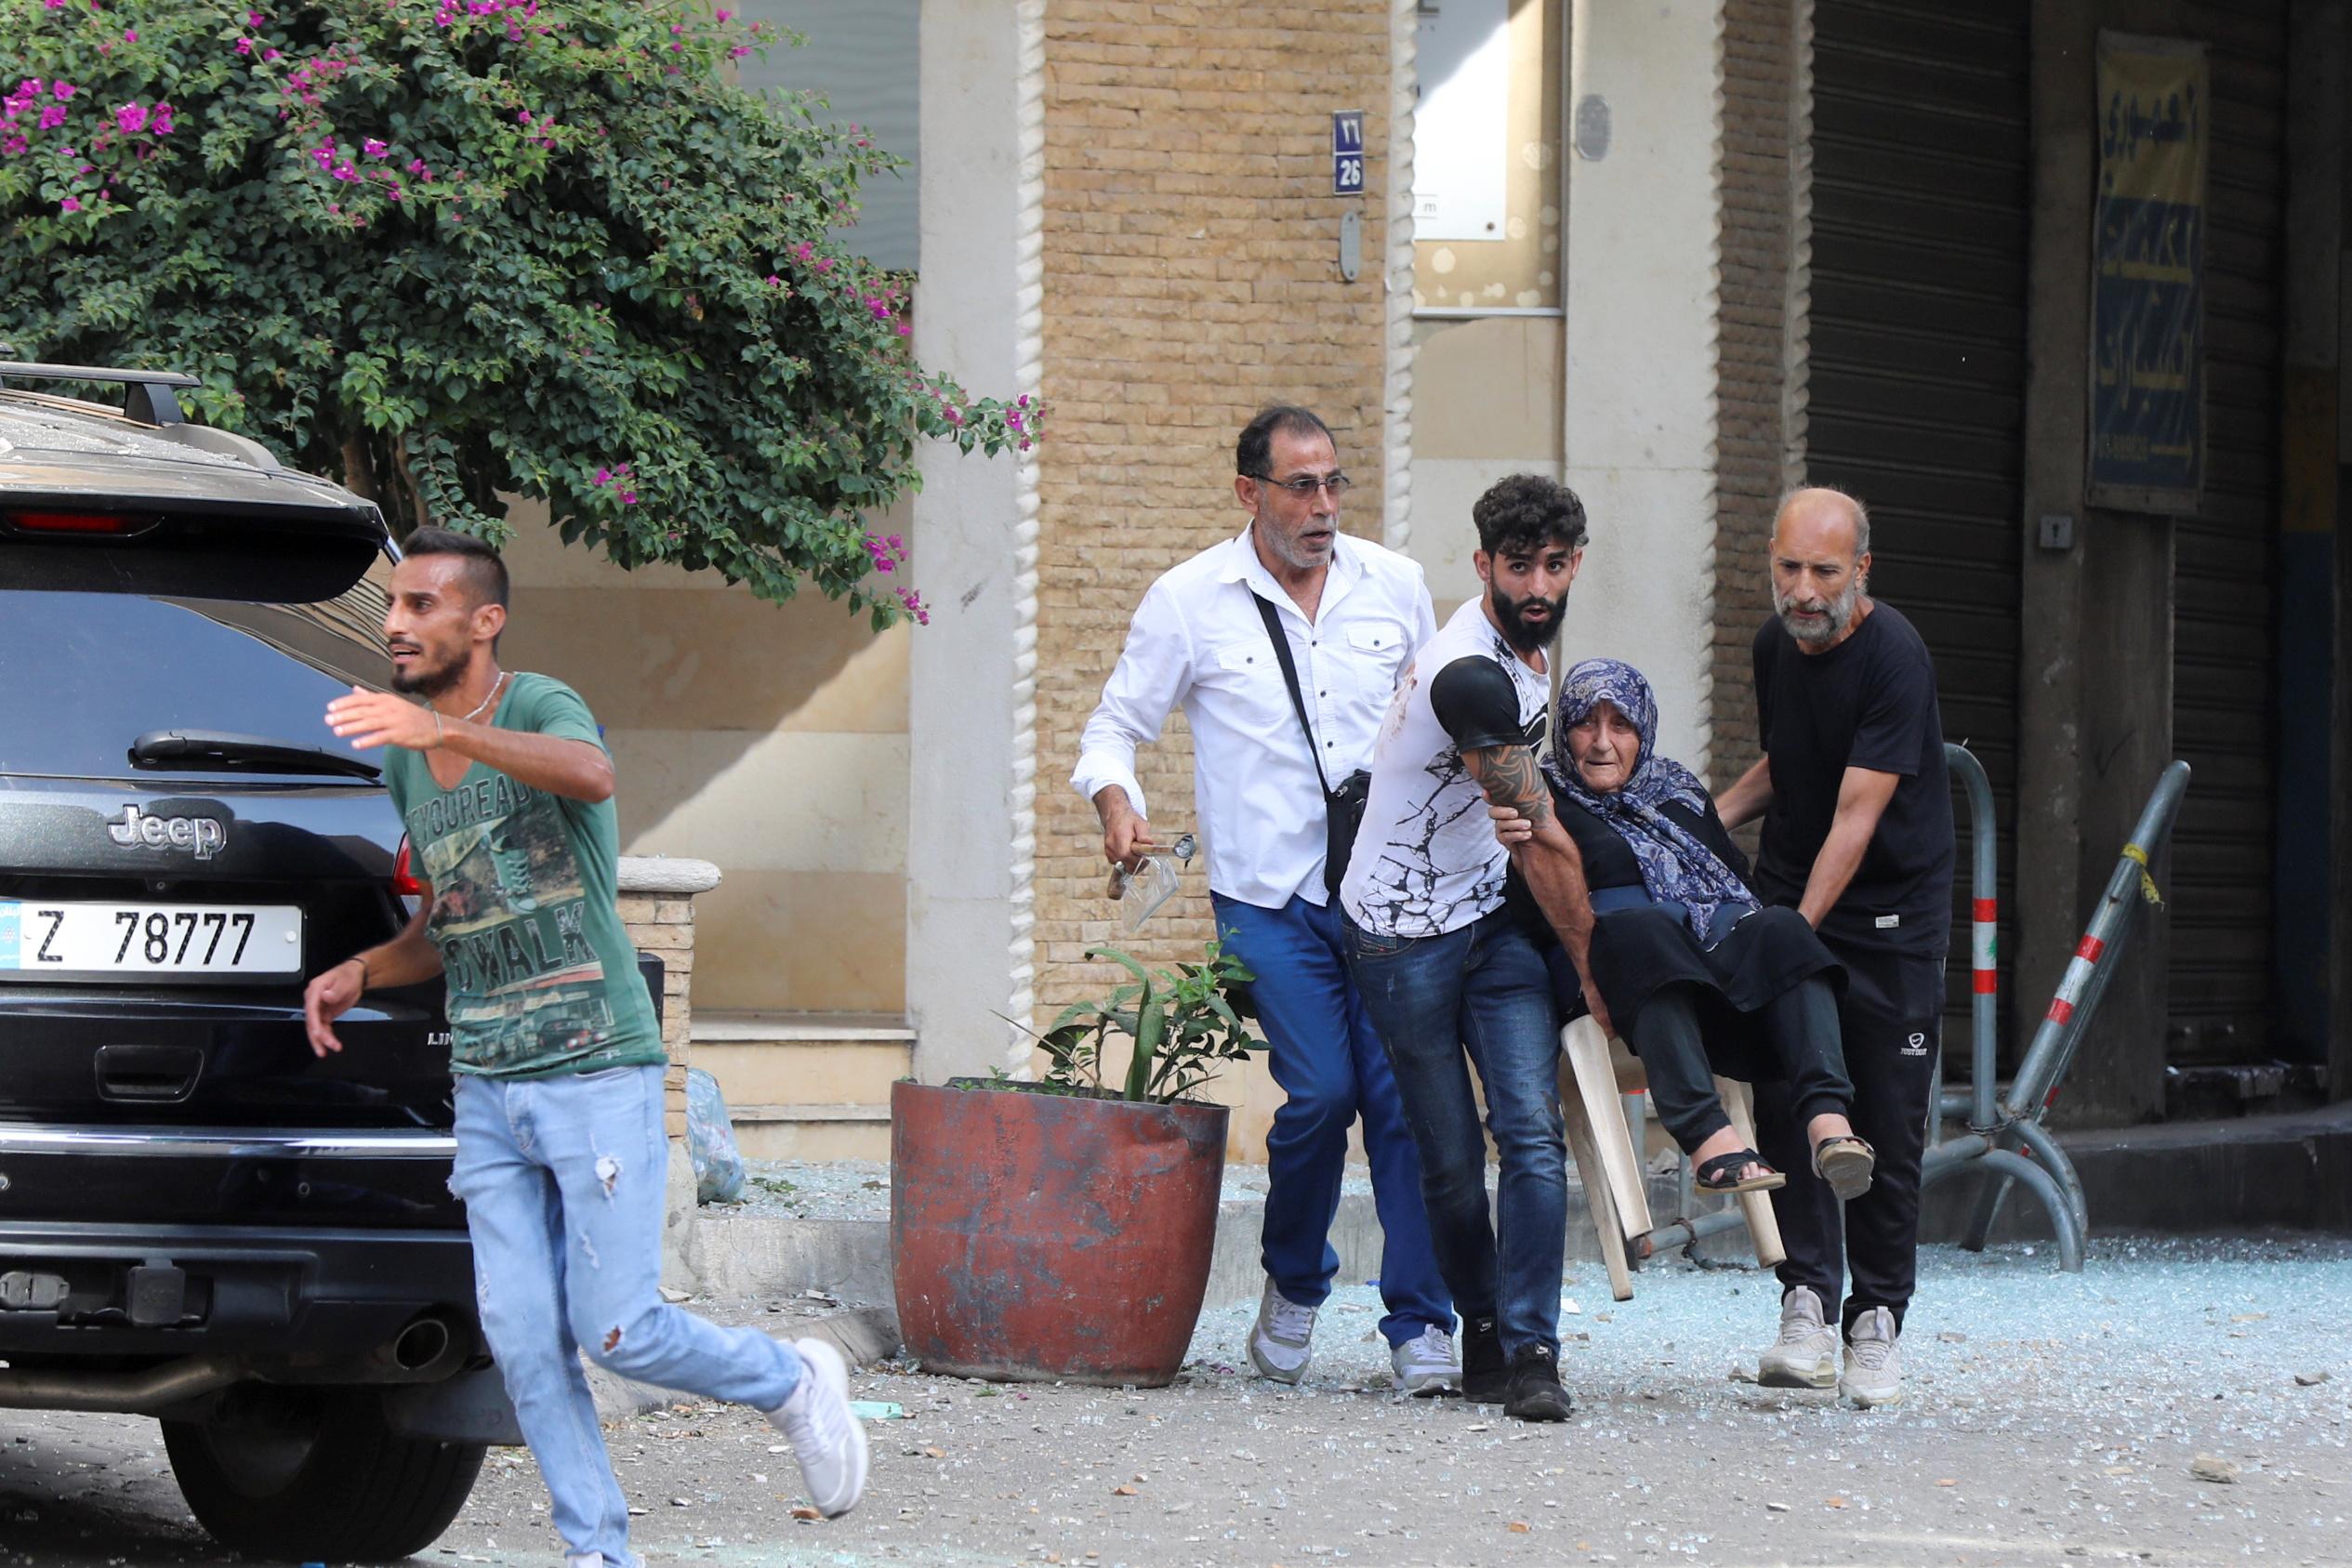 Men help evacuate an elderly woman after gunfire erupted, in Beirut, Lebanon October 14, 2021.  REUTERS/Mohamed Azakir